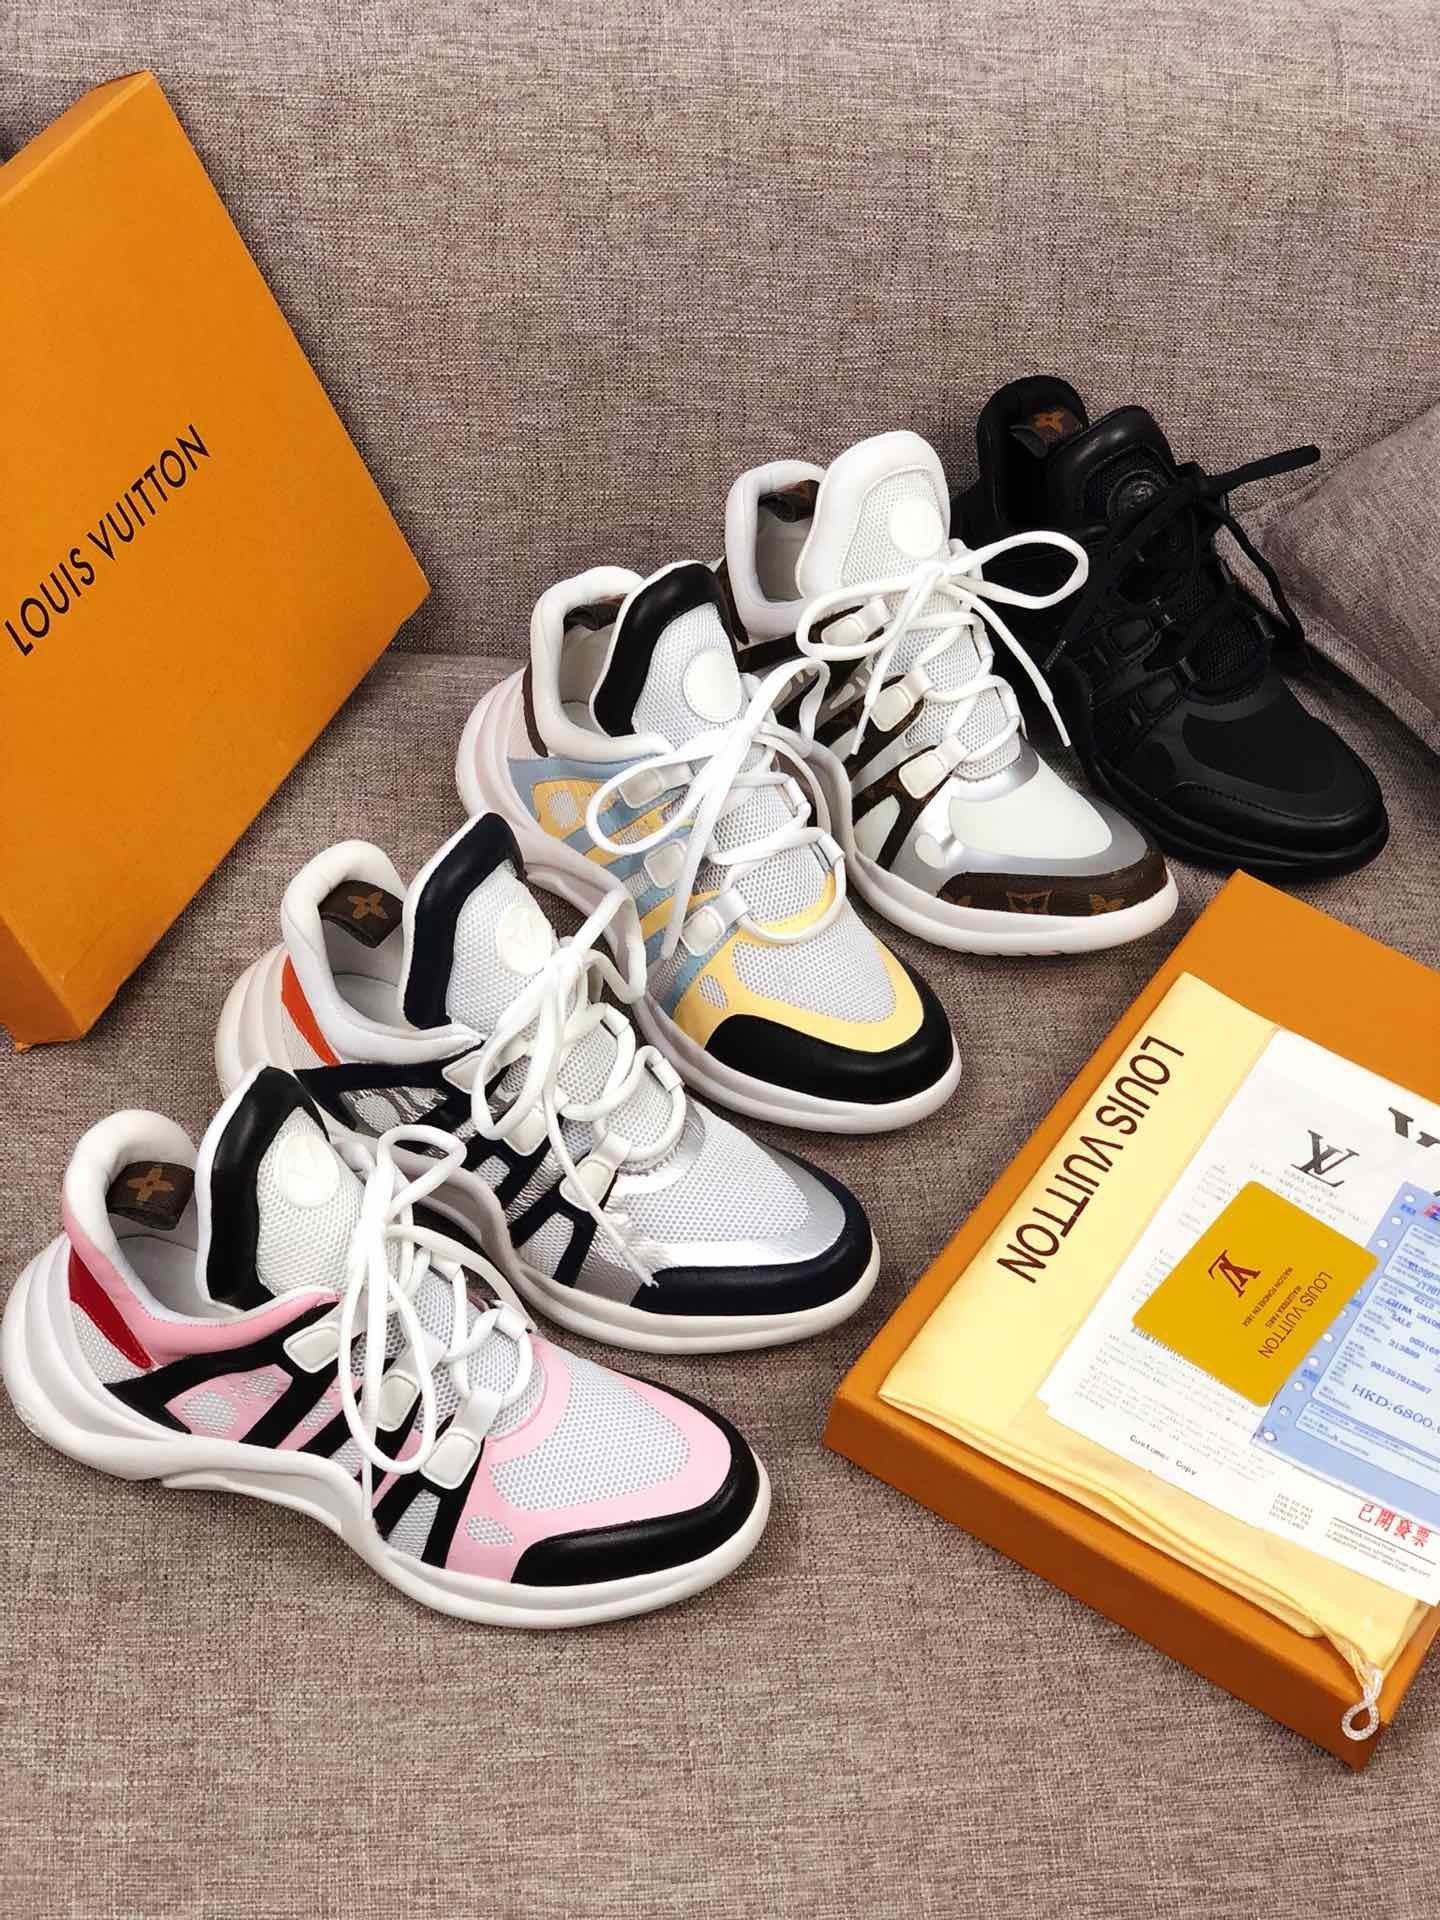 2020 zapatos de diseño Nueva Presto para hombre Blanco Negro para los hombres prestos Ultra fuera al aire libre deportes de la moda para mujer zapatillas Entrenadores Air